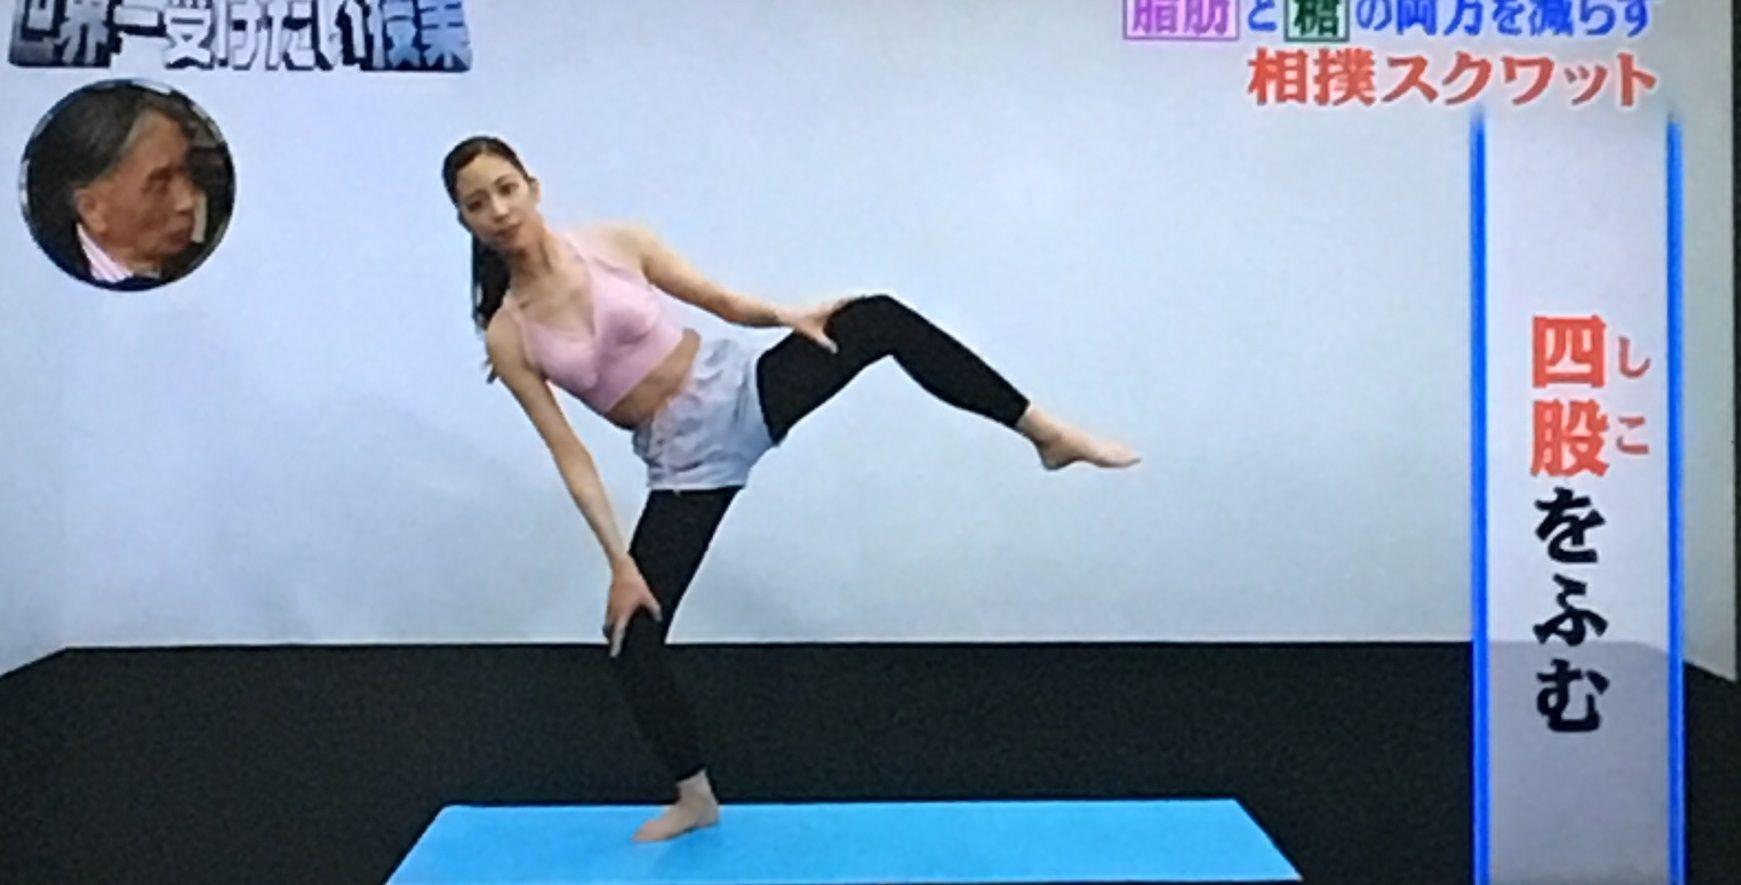 世界一受けたい授業 ピンク筋ダイエットの薪割りスクワットのやり方 動画 効果も検証 3月16日 スクワット ダイエット 痩せる 方法